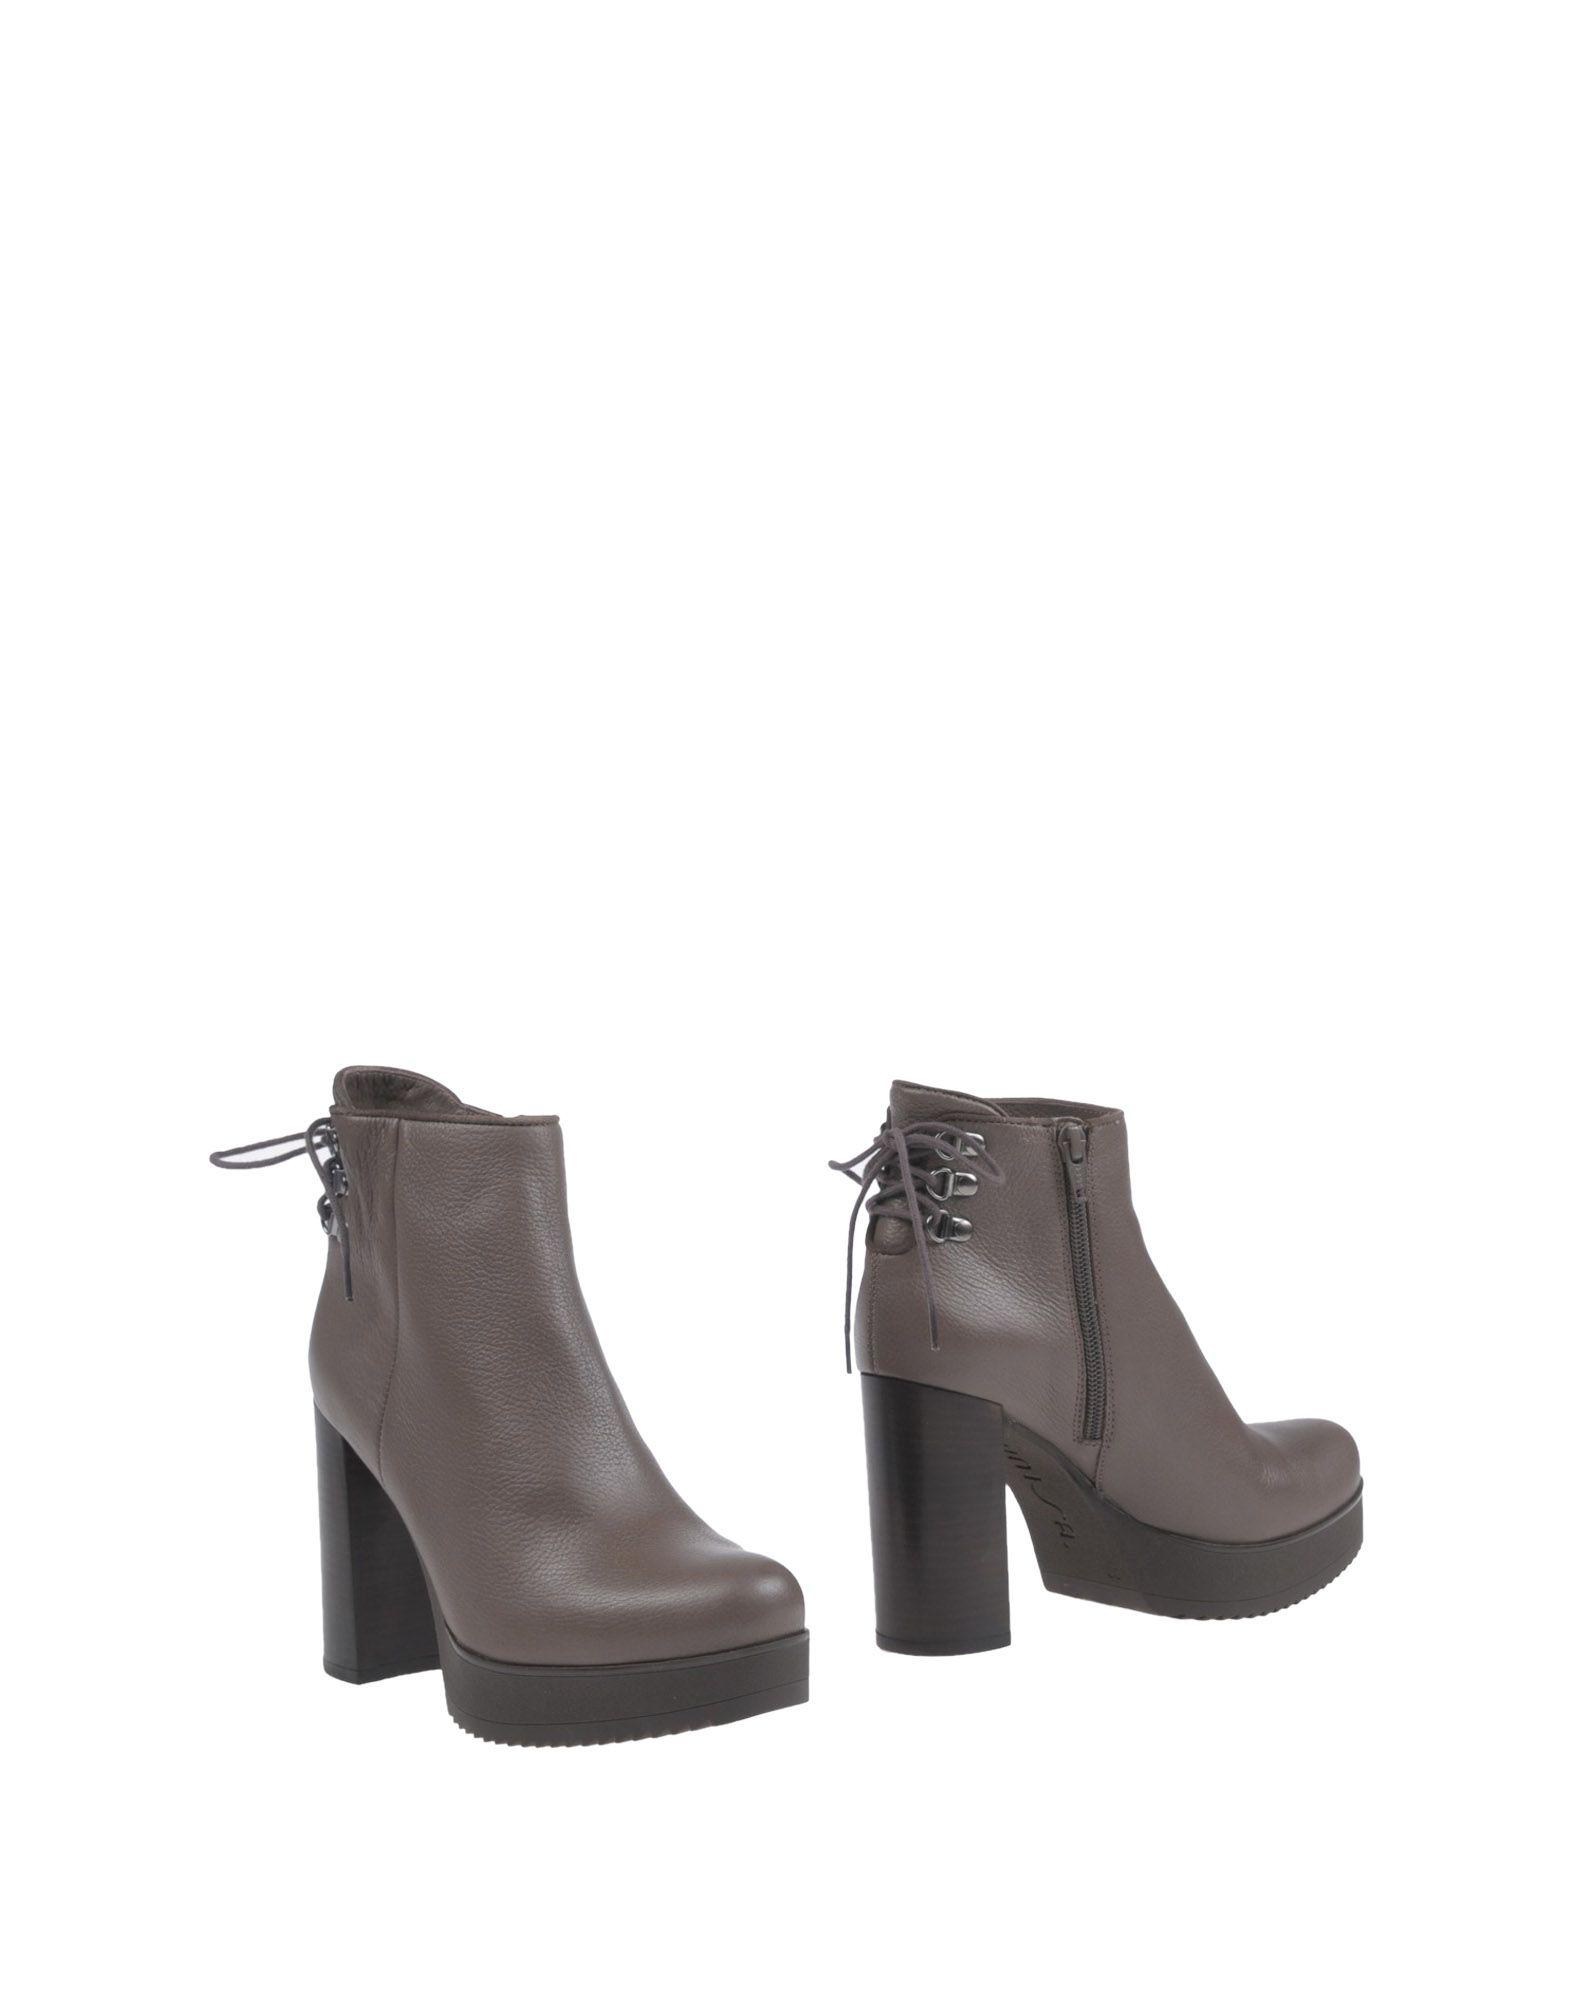 Unisa Stiefelette Damen  11278195NC Gute Qualität beliebte Schuhe